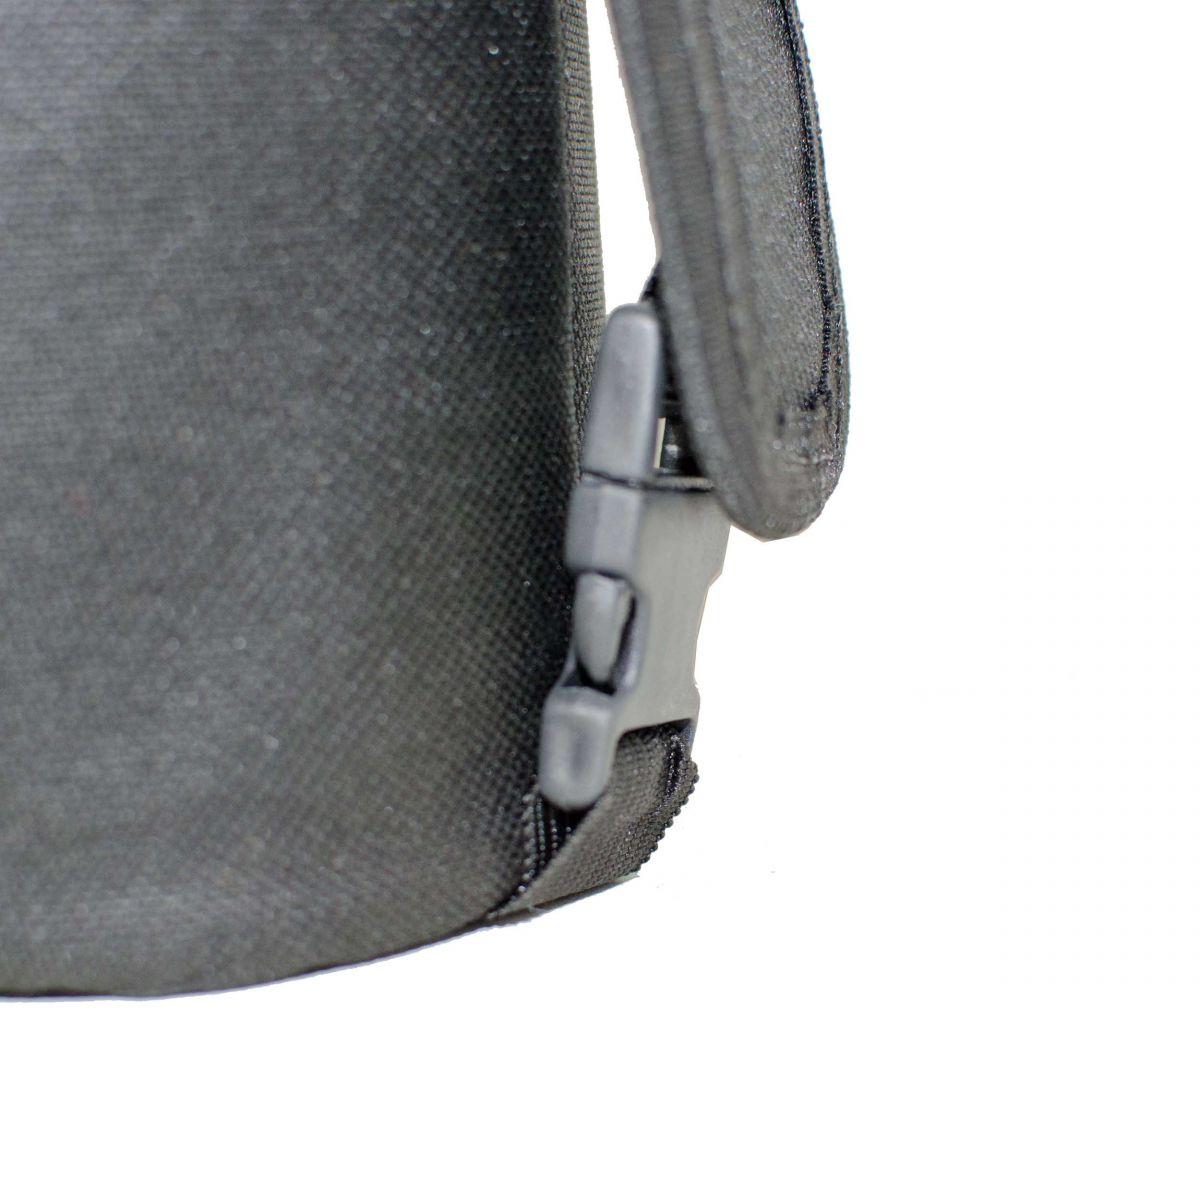 Porta Lente Case Rígida rigido para lentes 24/70